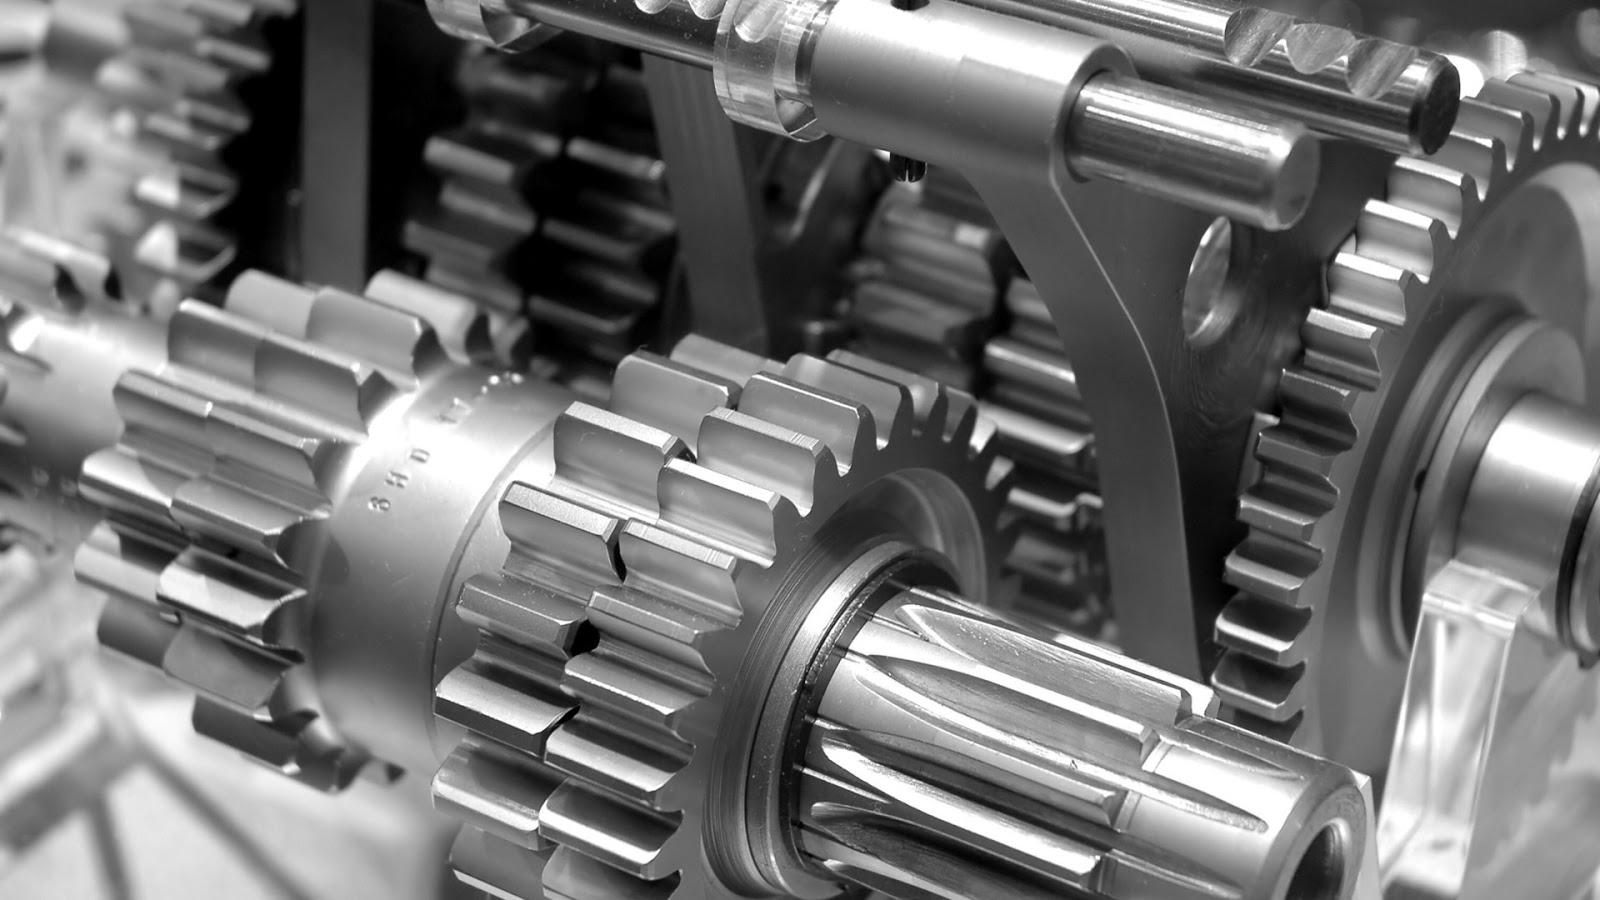 Gear Wheel Mechanism Steel Wallpapers in HD